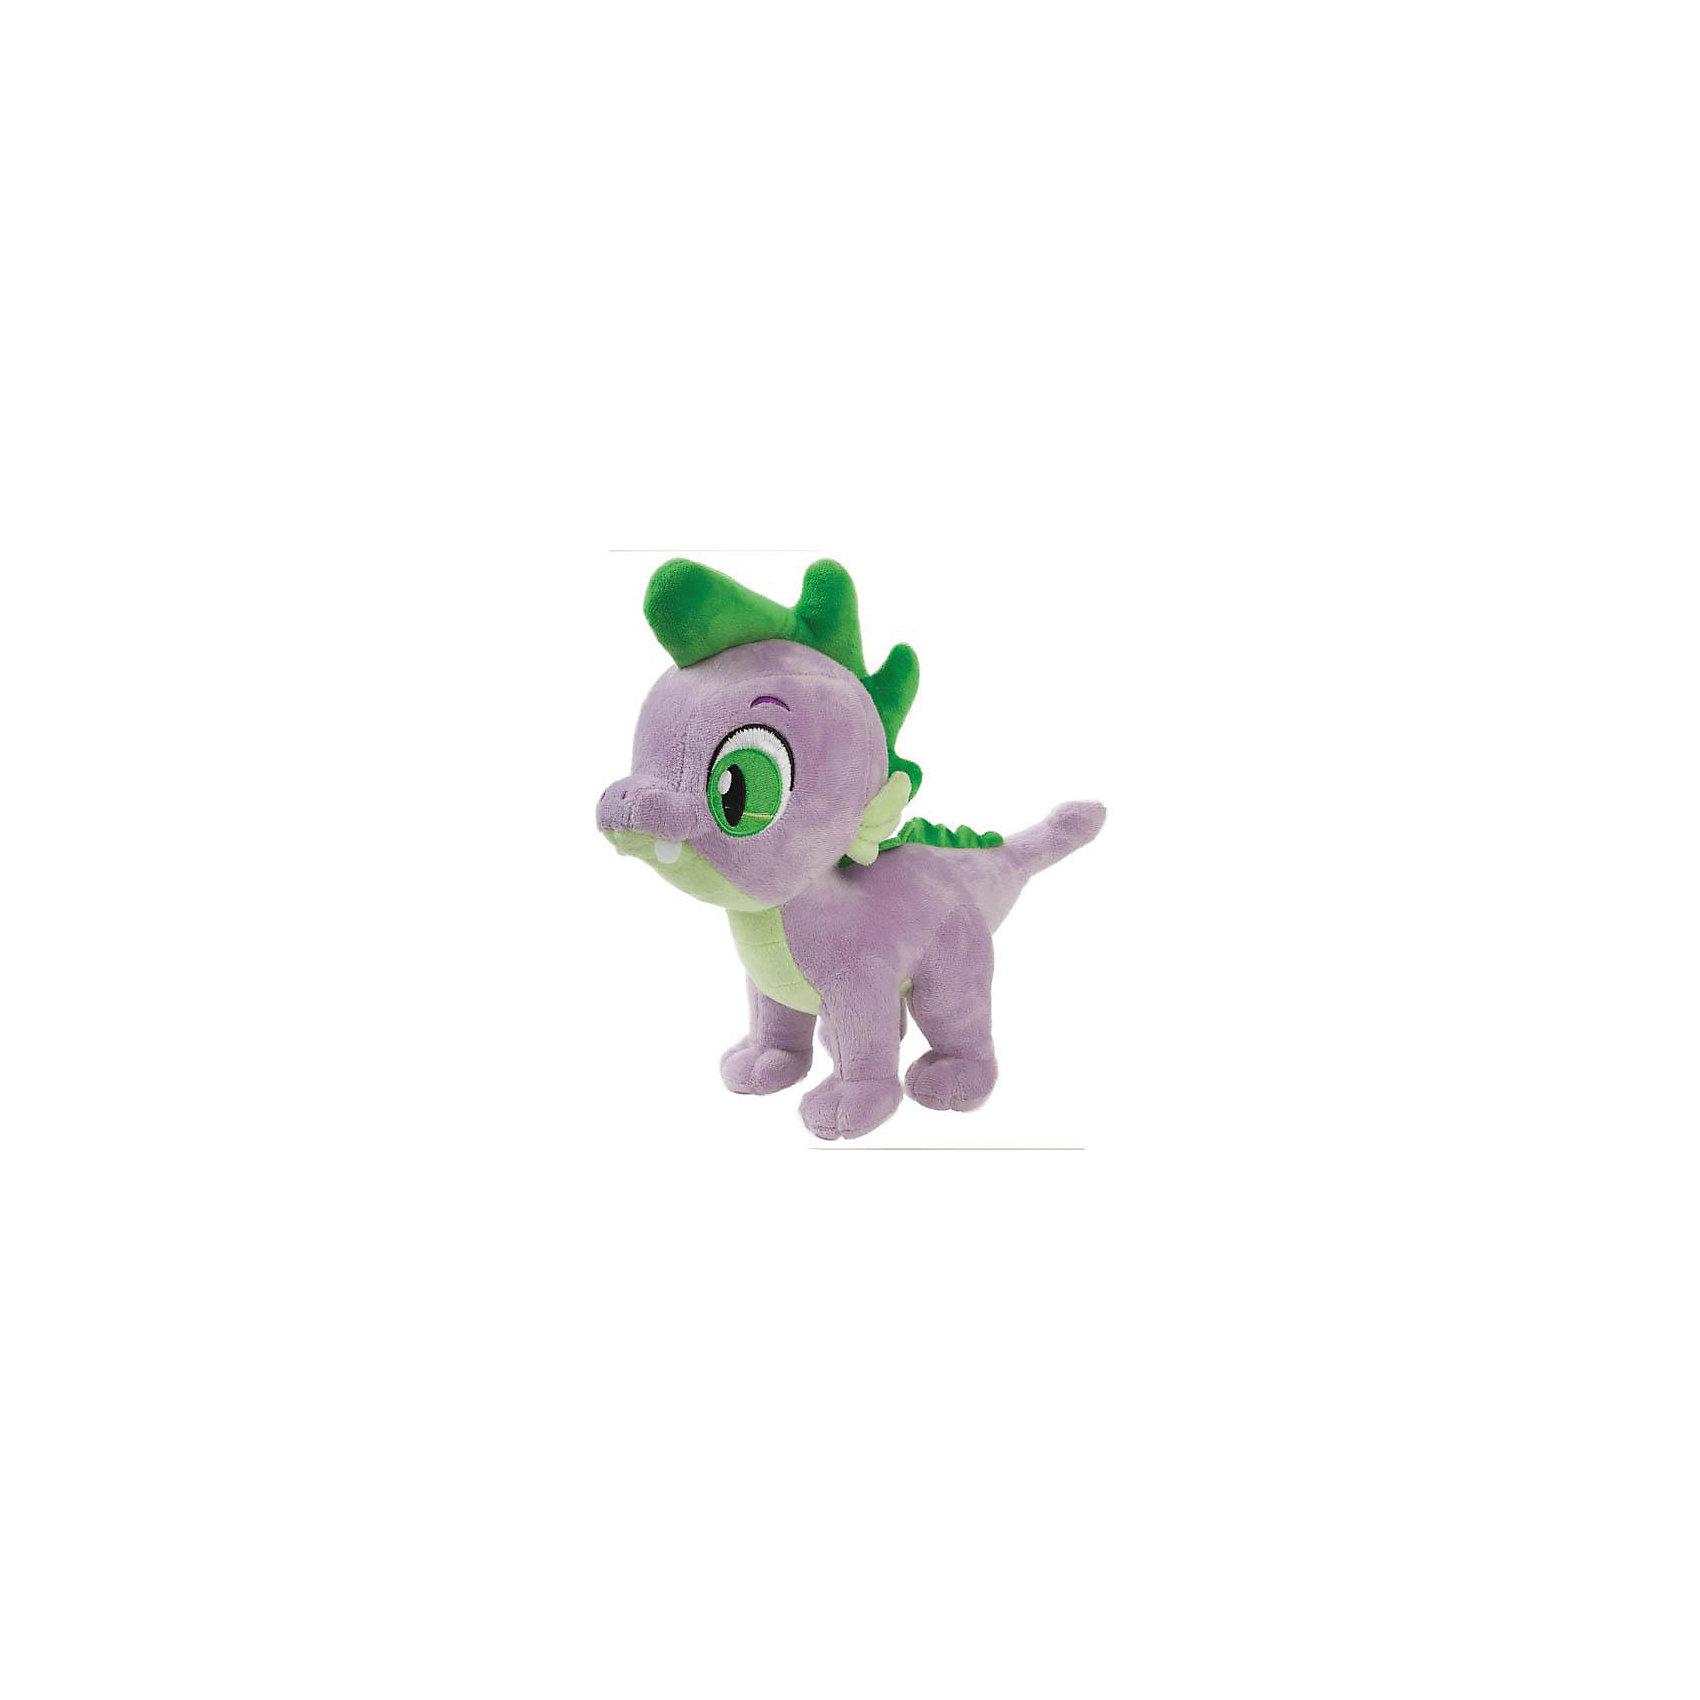 Мягкая игрушка Динозаврик Спайк, со звуком,  23 см, My little Pony, МУЛЬТИ-ПУЛЬТИМягкая игрушка Динозаврик Спайк, со звуком,  23 см, My little Pony, МУЛЬТИ-ПУЛЬТИ - это замечательный подарок любому малышу!<br>Мягкая игрушка Динозаврик Спайк изготовлена по мотивам мультфильма Дружба - Это чудо!. Игрушка в точности напоминает персонажа мультфильма. Спайк (Spike) — это маленький сиреневый дракончик с зелёным гребнем от головы до хвоста. Мультяшный образ динозавра вкупе с его большими глазами, делает игрушку невероятно милой. Игрушка Динозаврик Спайк умеет говорить забавные фразы и петь песенку, благодаря чему ребенку с ним будет очень весело и интересно играть! Мягкая игрушка Динозаврик Спайк станет отличной находкой для любителей «My Little Pony»! Игрушка изготовлена из качественных и безопасных материалов. <br><br>Дополнительная информация:<br><br>- Материал: плюш<br>- Размер игрушки: 23 см.<br>- На батарейках (входят в комплект)<br><br>Мягкую игрушку Динозаврик Спайк, со звуком,  23 см, My little Pony, МУЛЬТИ-ПУЛЬТИ можно купить в нашем интернет-магазине.<br><br>Ширина мм: 540<br>Глубина мм: 520<br>Высота мм: 360<br>Вес г: 290<br>Возраст от месяцев: 36<br>Возраст до месяцев: 84<br>Пол: Унисекс<br>Возраст: Детский<br>SKU: 4185329